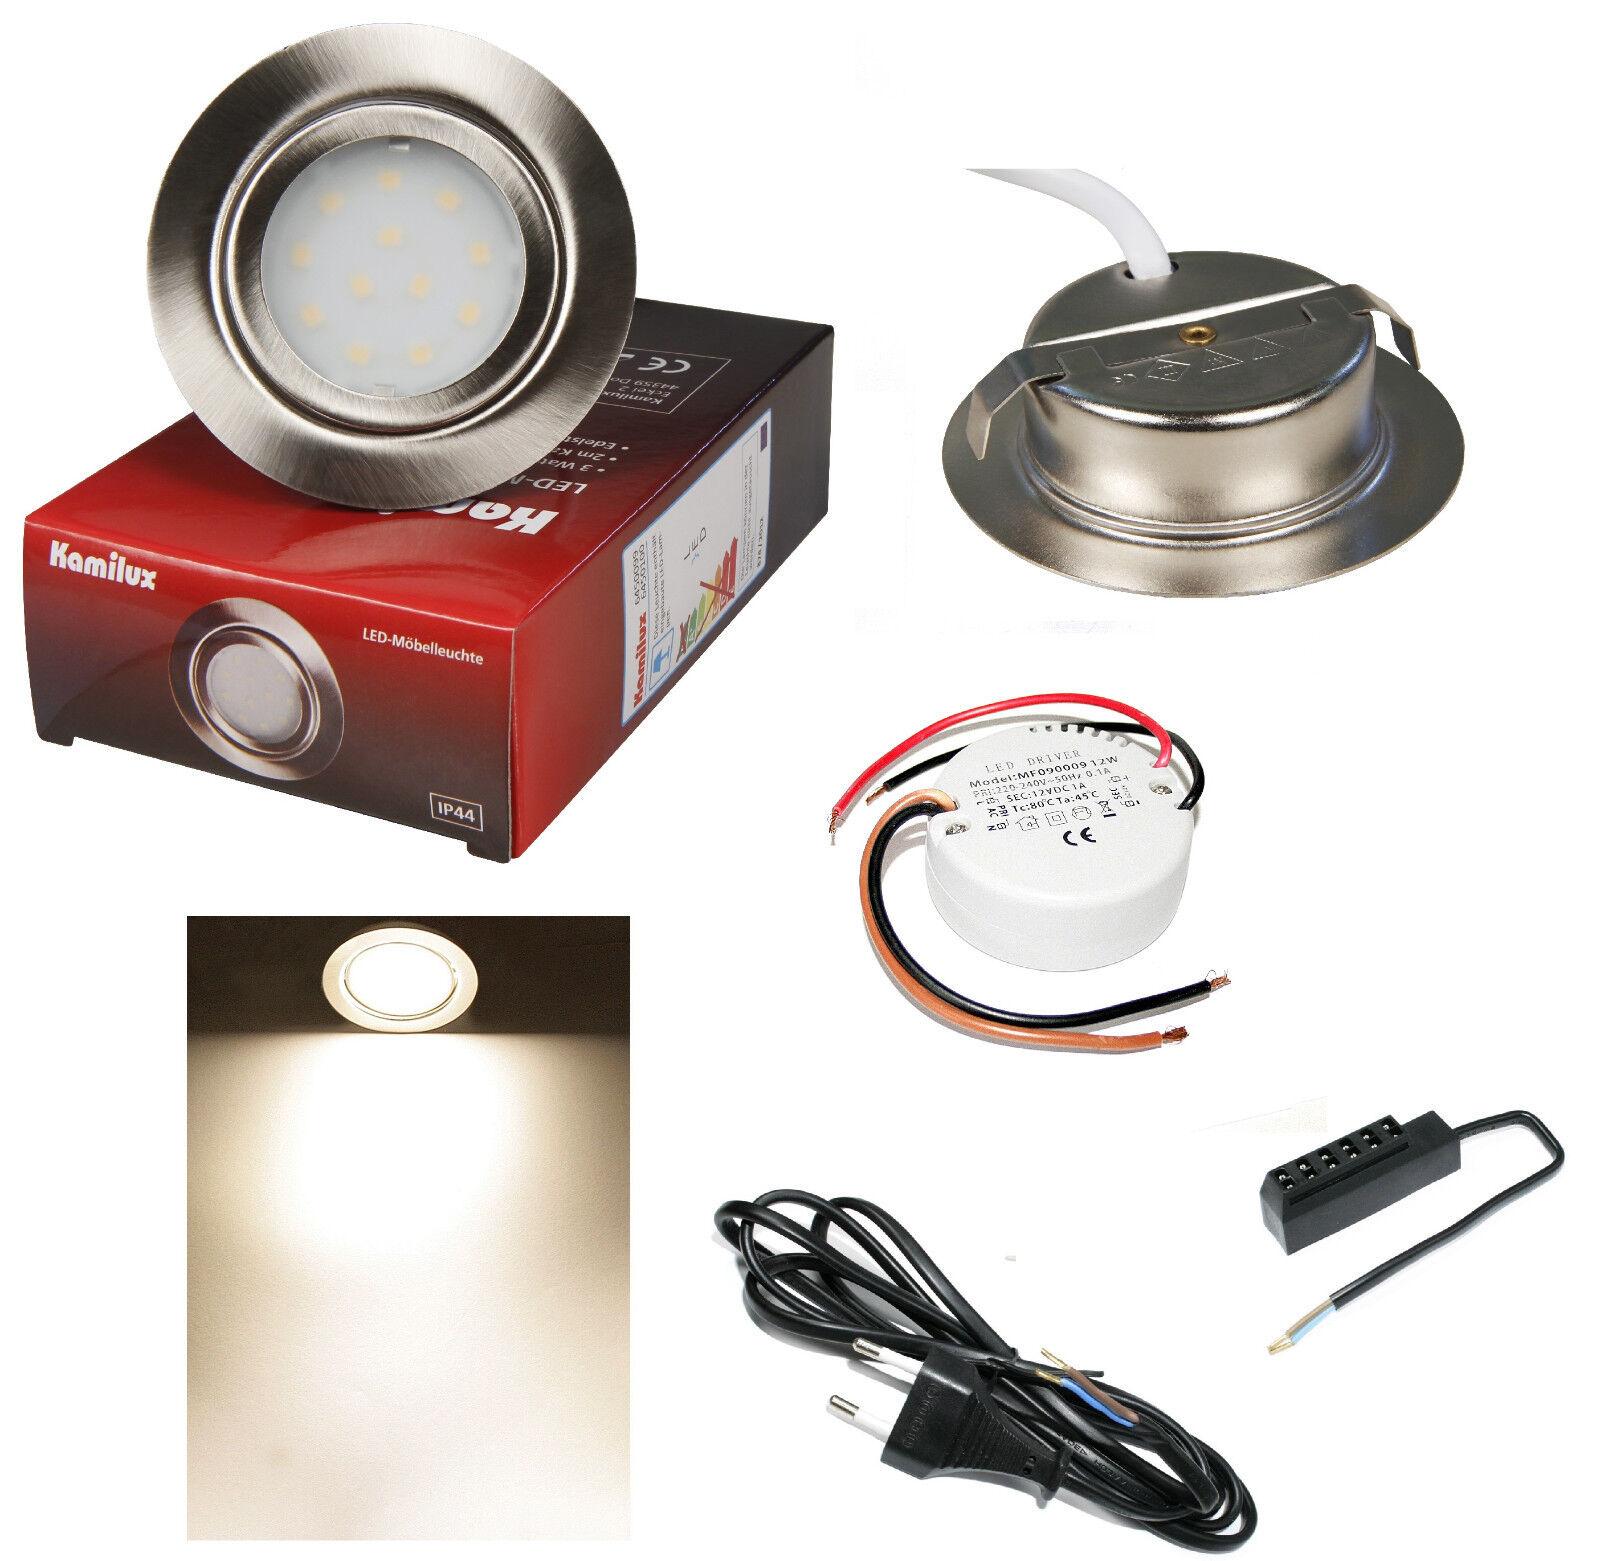 Led Lámpara Empotrable para Muebles 12V Mobi 3W=30W blancoo Cálido Incluye